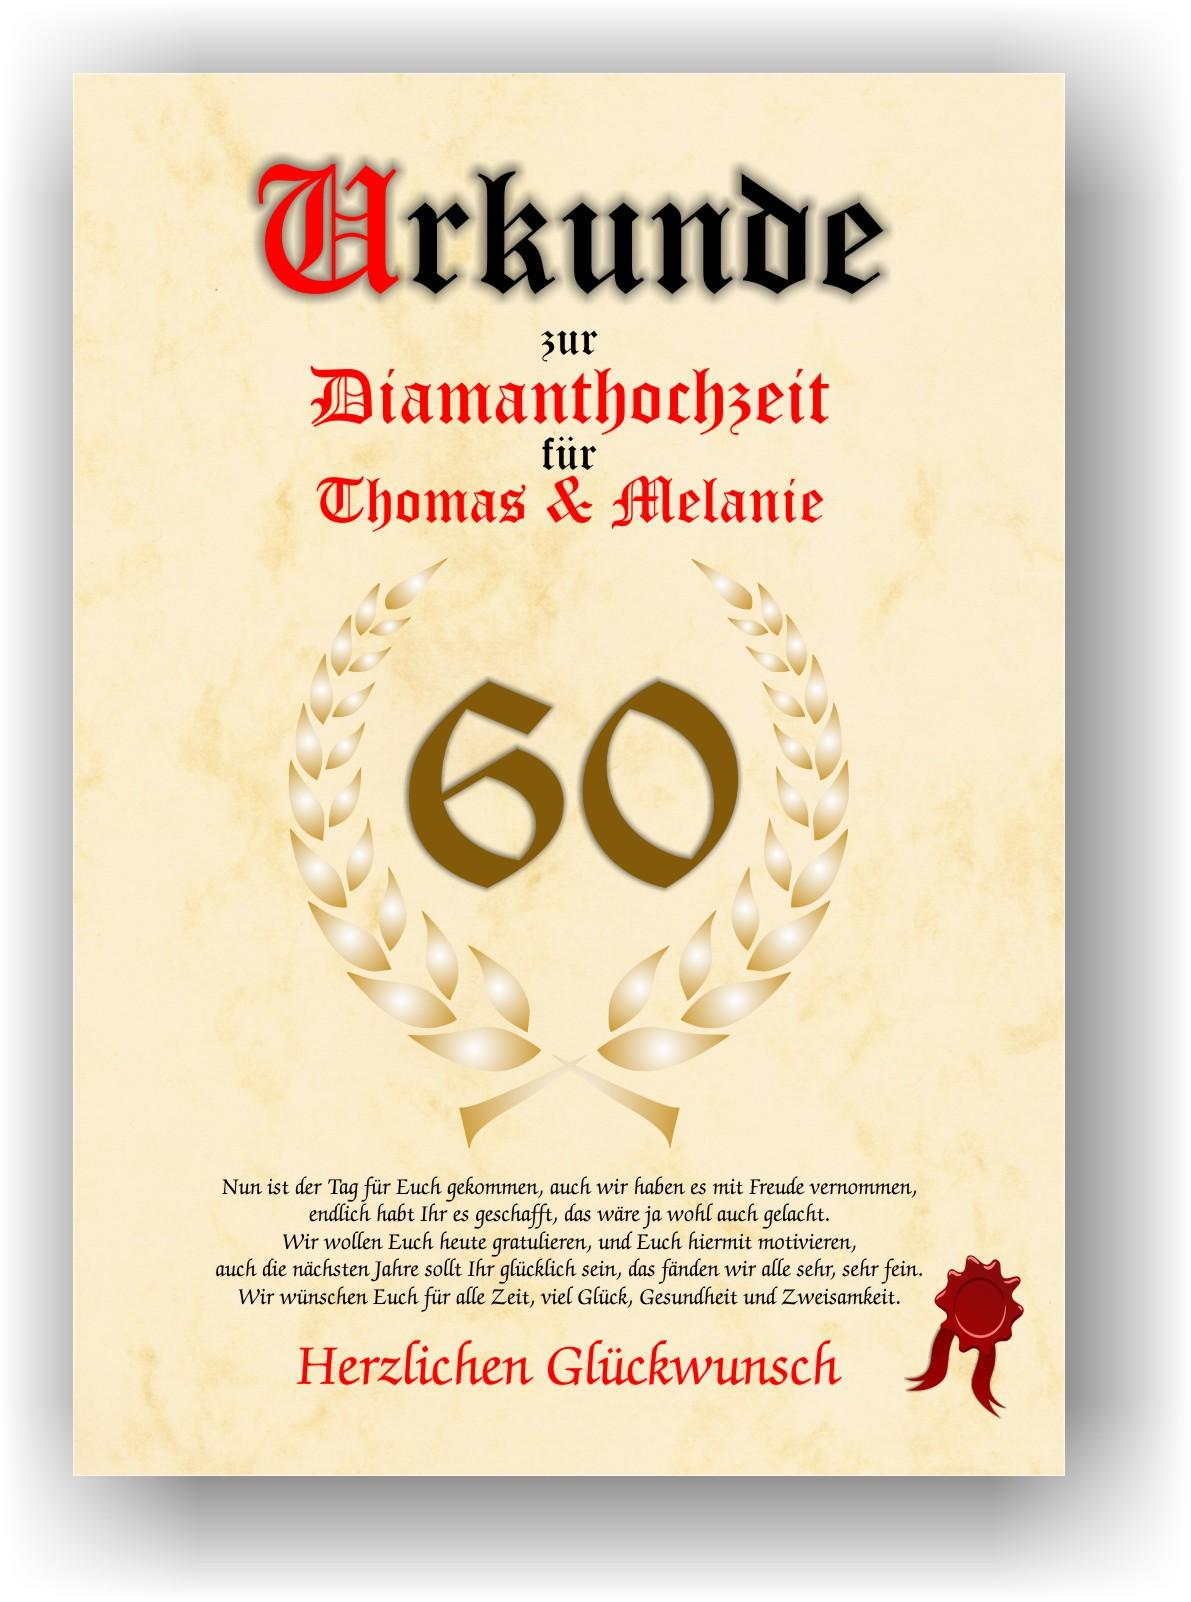 Details Zu Diamanthochzeit Urkunde Zum 60 Hochzeitstag Geschenkidee Diamant Hochzeit Neu